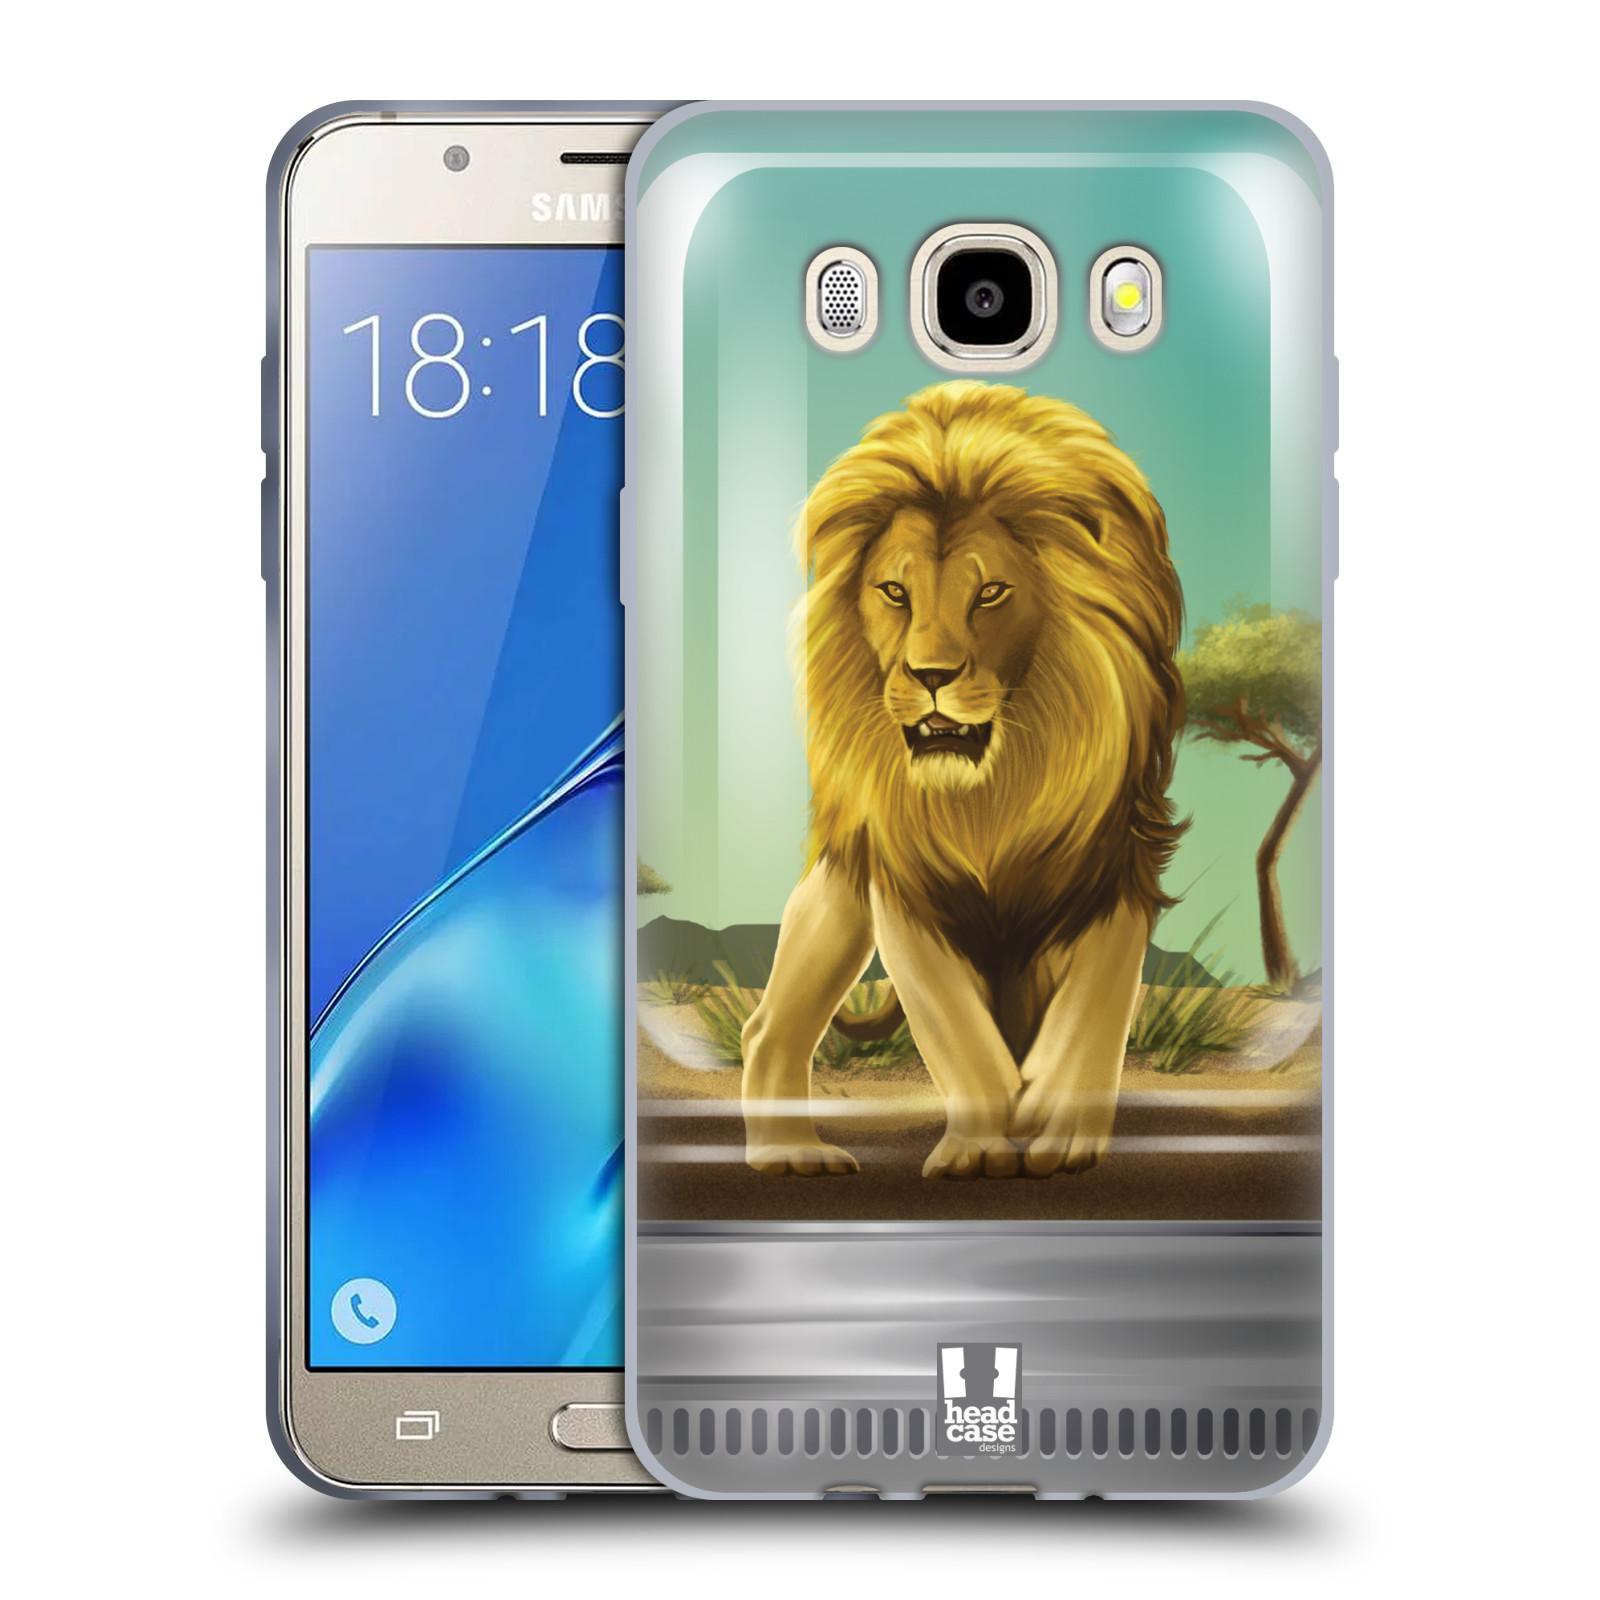 HEAD CASE silikonový obal, kryt na mobil Samsung Galaxy J5 2016, J510, J510F, (J510F DUAL SIM) vzor Zvířátka v těžítku lev